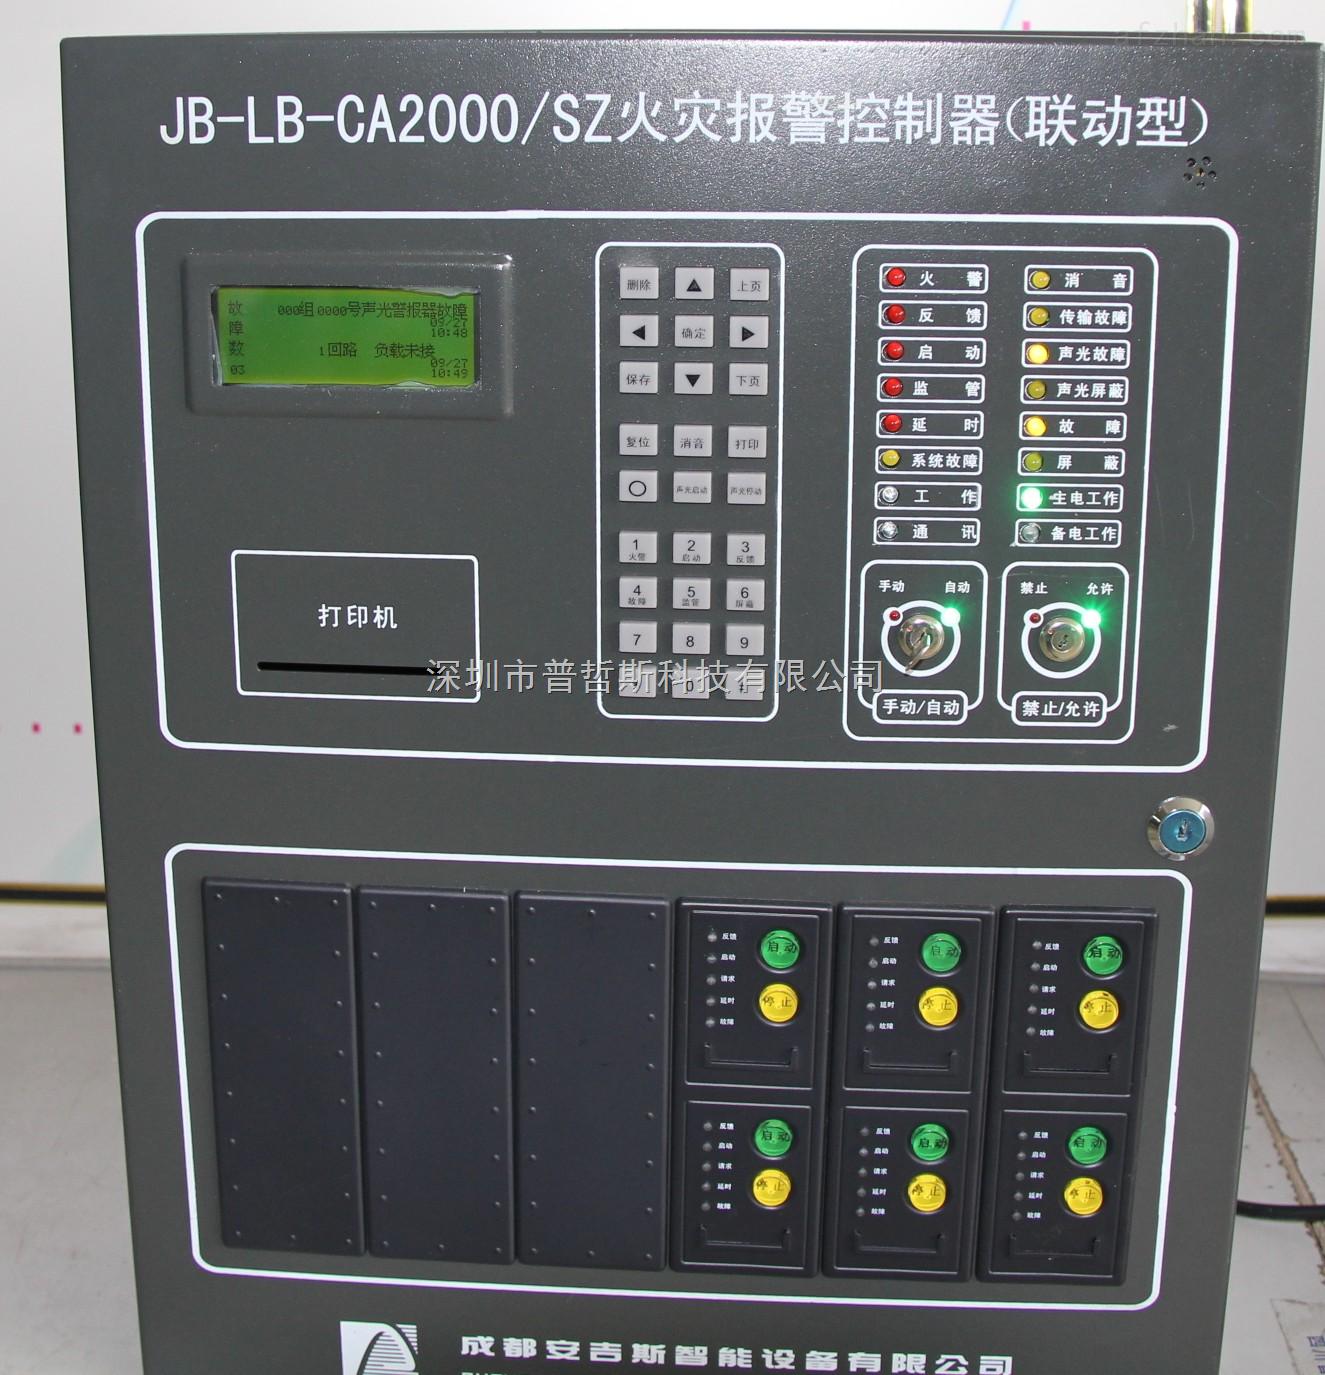 深圳消防烟感报警控制器 总线烟感火灾报警系统 两线烟感报警主机